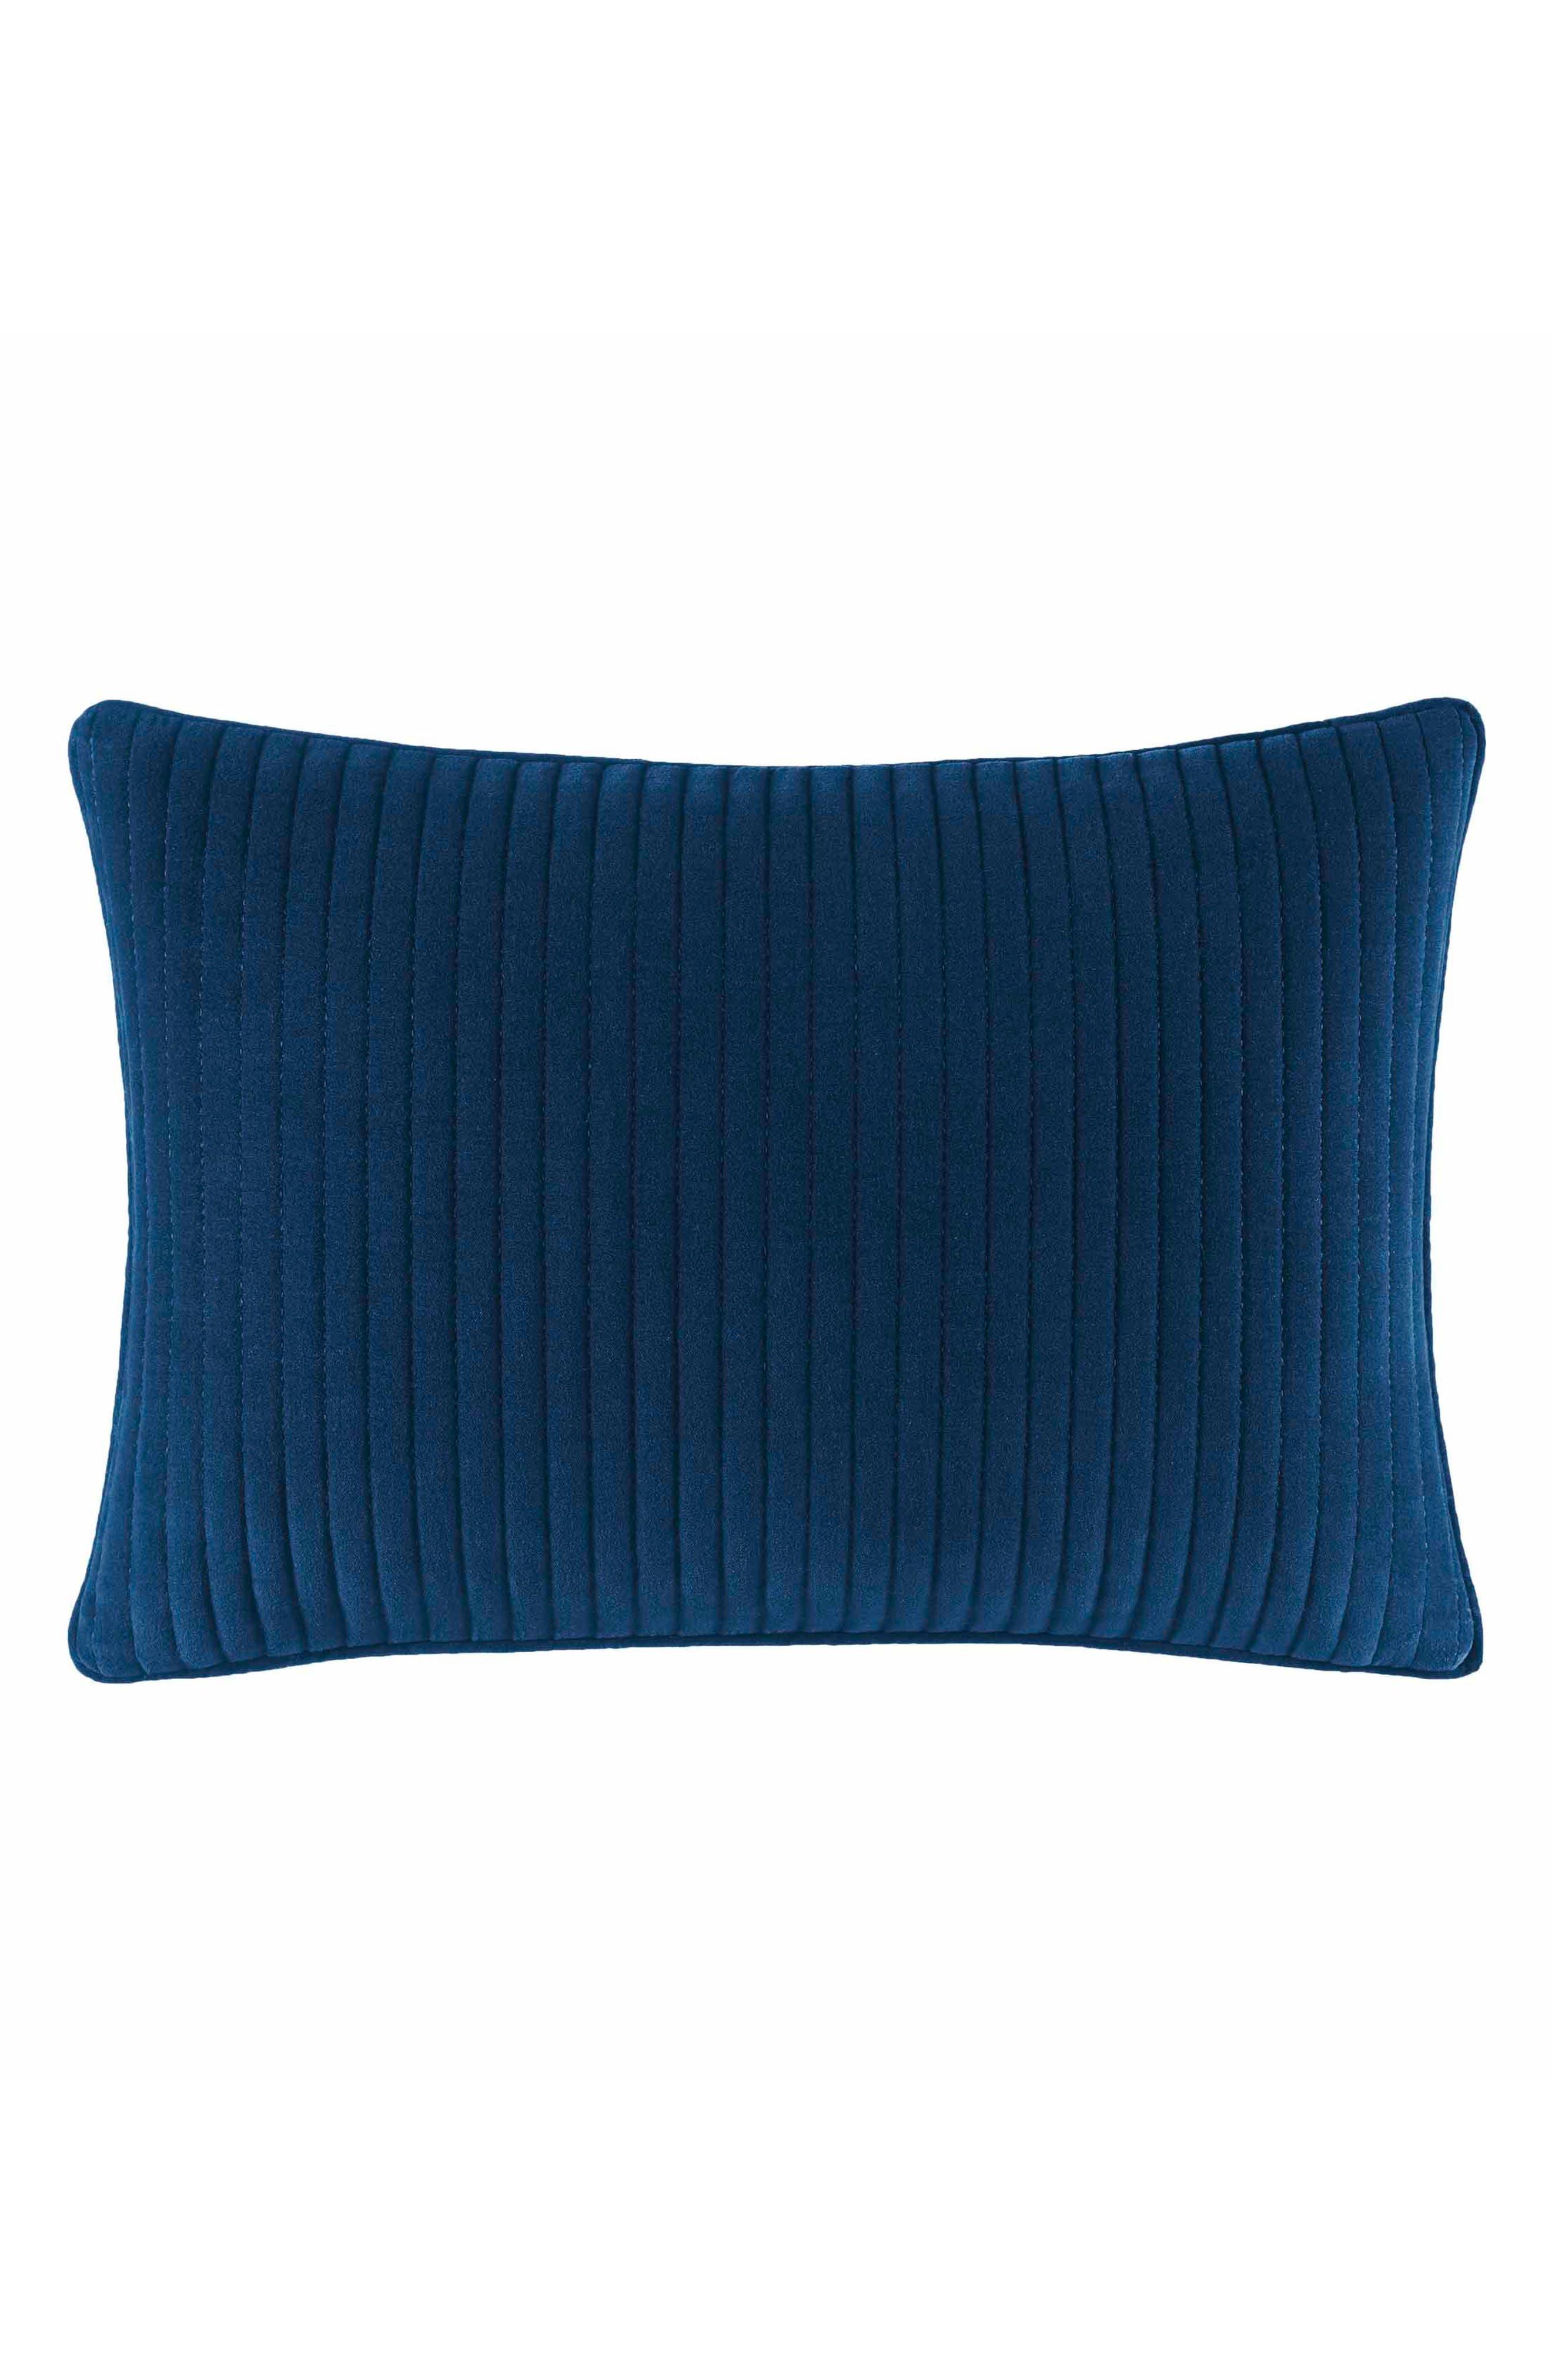 Cape Coral Pick Stitch Pillow,                         Main,                         color, Dark Blue